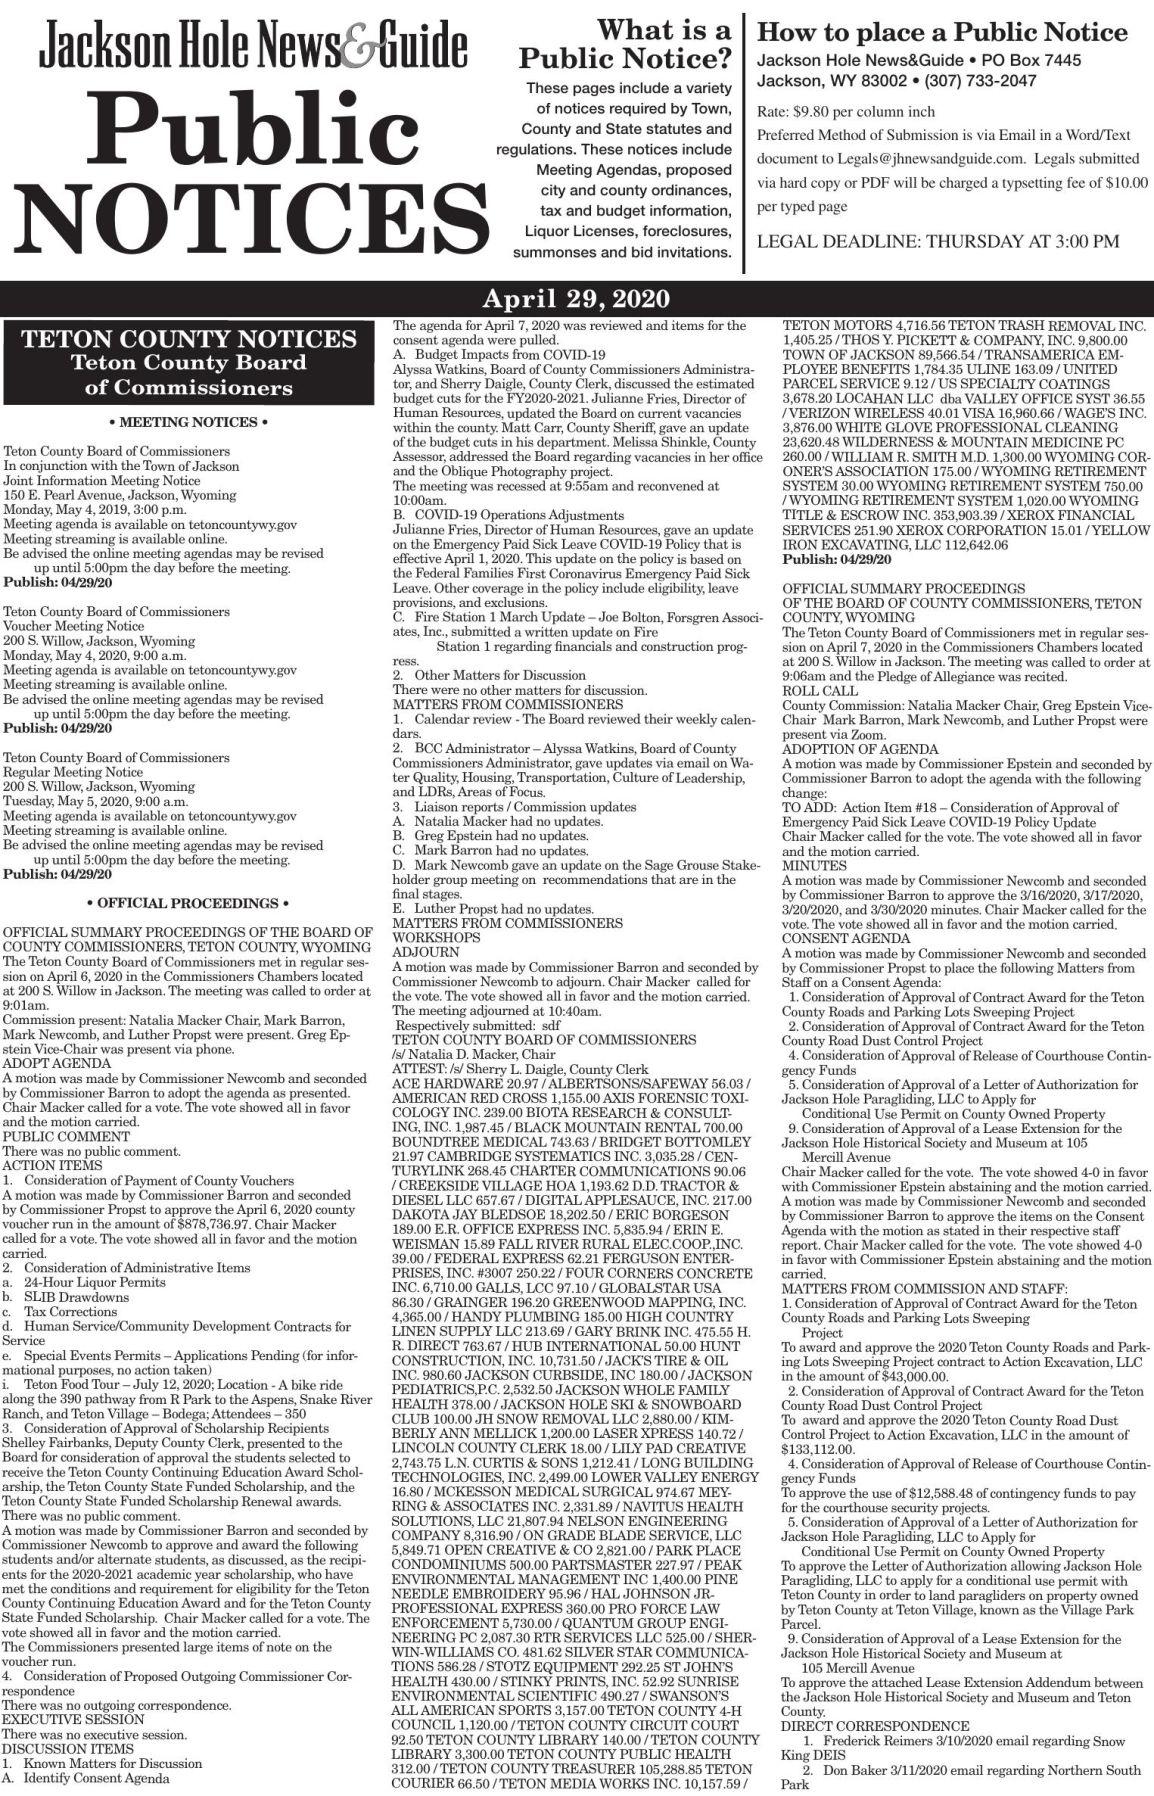 Public Notices, April 29, 2020